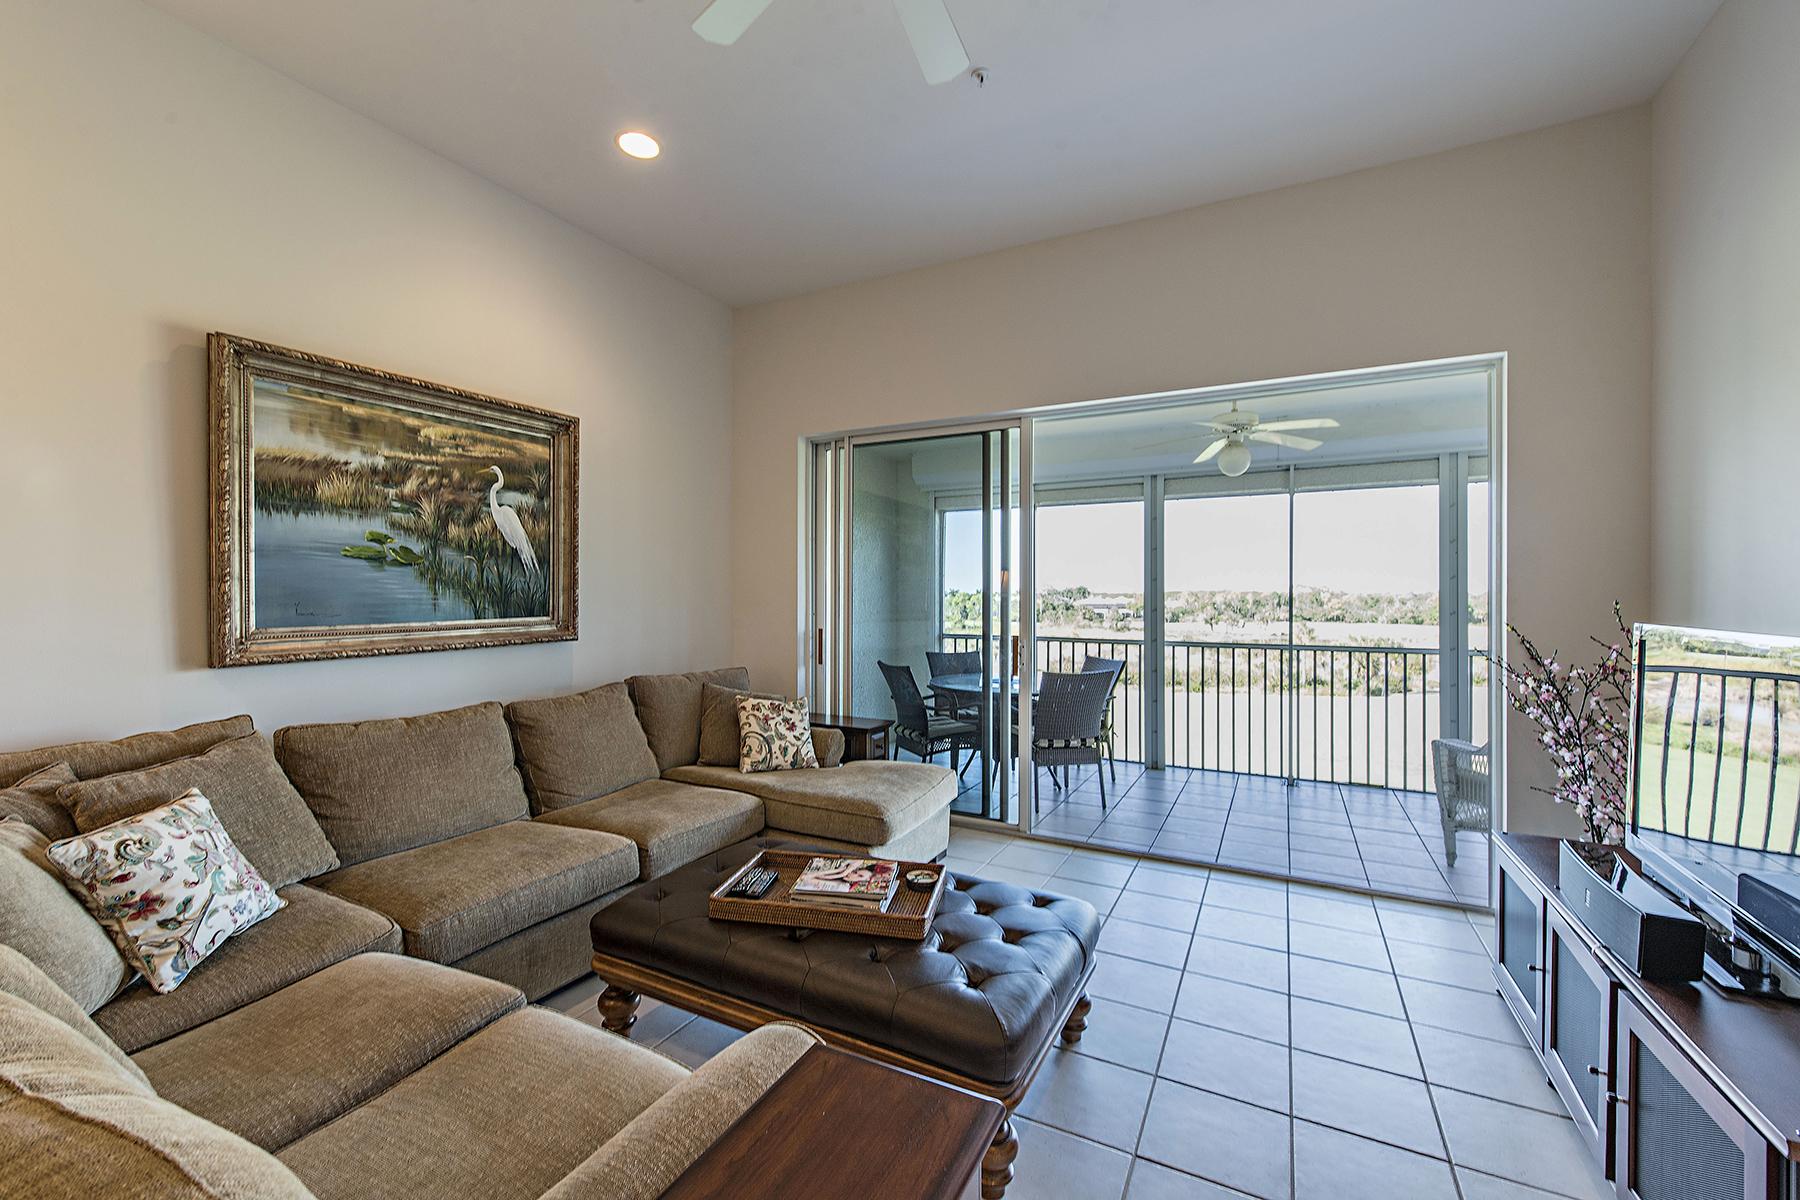 Condominium for Sale at BONITA BAY - GREENBRIAR 4120 Bayhead Dr 302, Bonita Springs, Florida 34134 United States